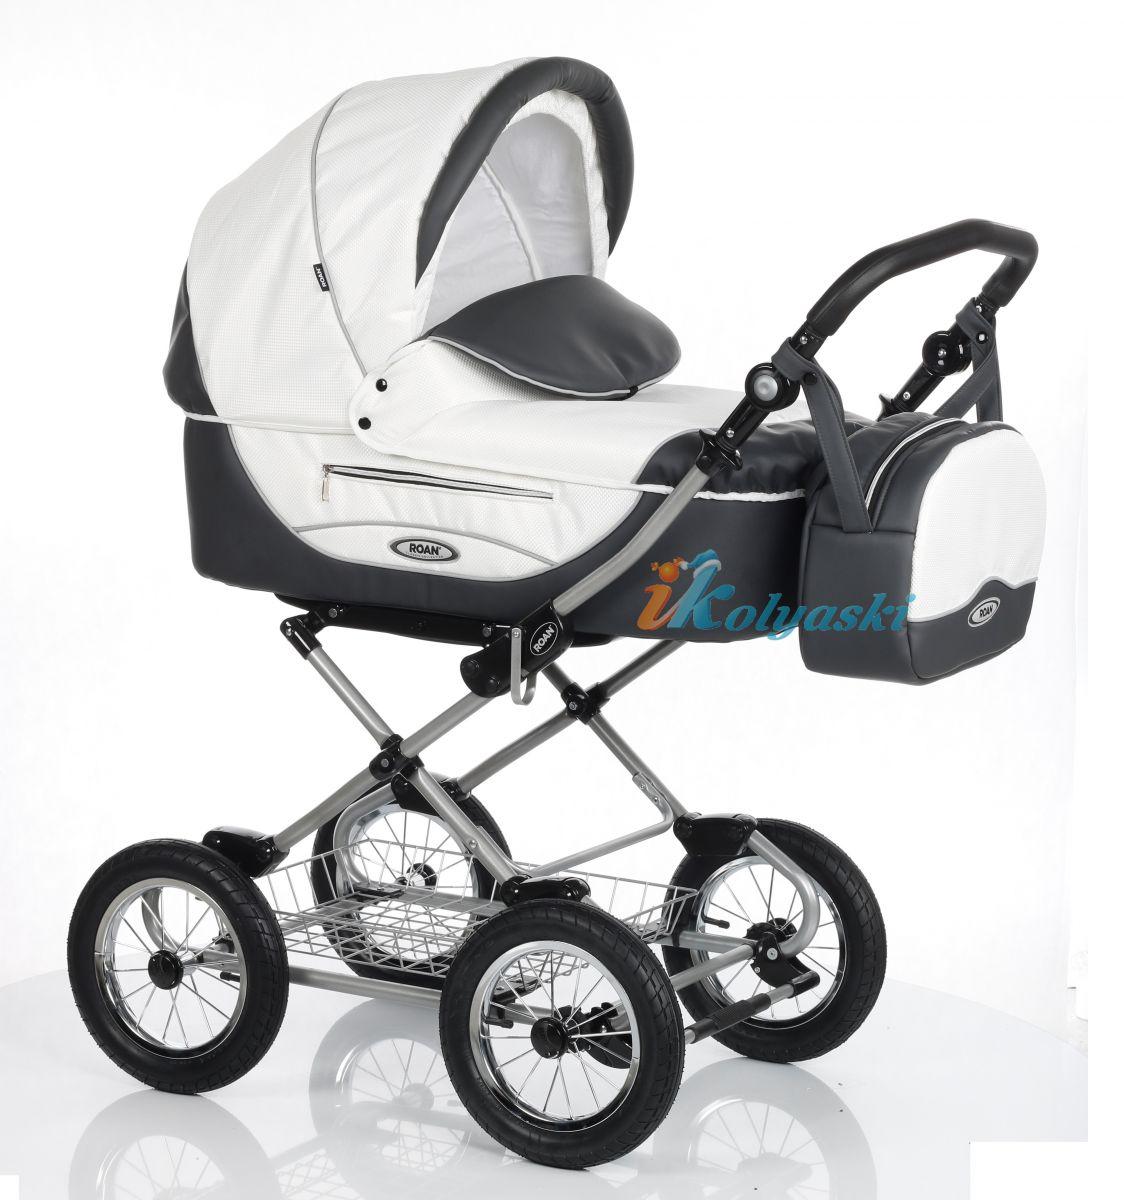 Детская коляска Roan Kortina Luxe Роан Кортина люкс 2018 спальная люлька 3 в 1 , коляска для новорожденных, коляска зима-лето.  roan kortina, roan cortina, Детская коляска Roan Kortina Luxe, коляска Роан Кортина люкс 2018, коляска спальная, коляска  люлька, коляска 3 в 1, коляска для новорожденных, роан кортина, коляска роан кортина, коляска roan cortina, цвет K-40